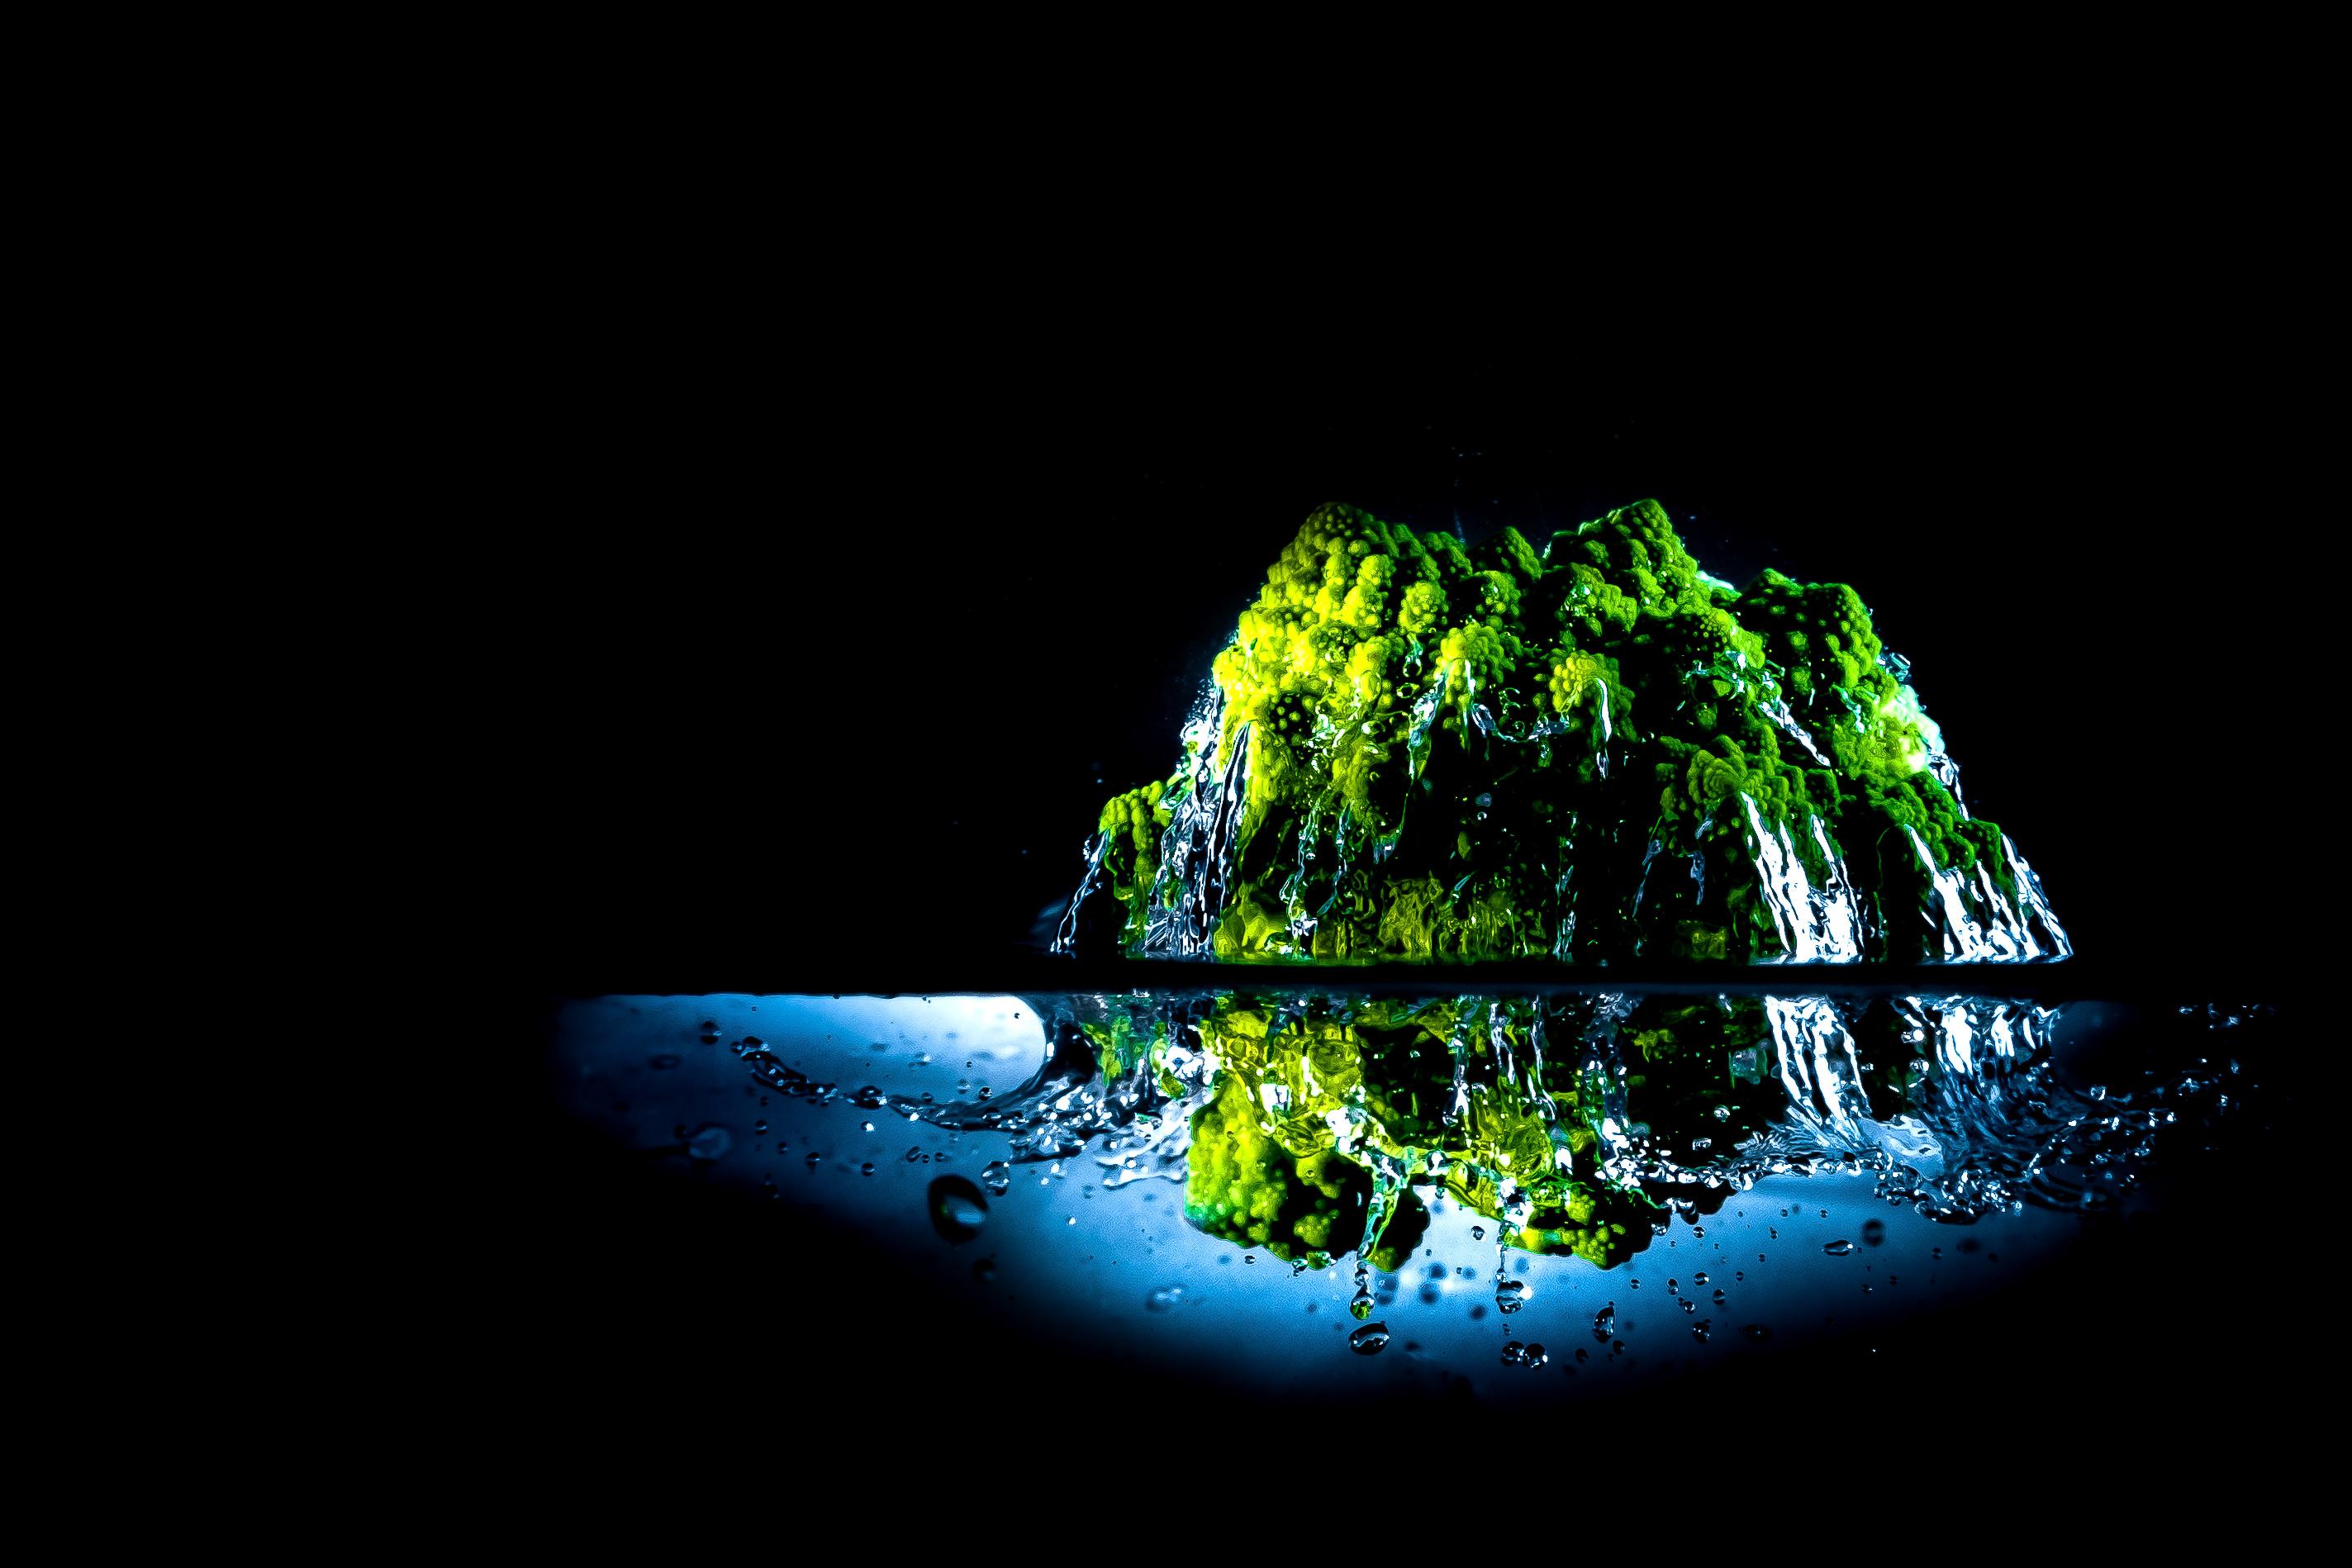 L'isola misteriosa di andrea_solidoro